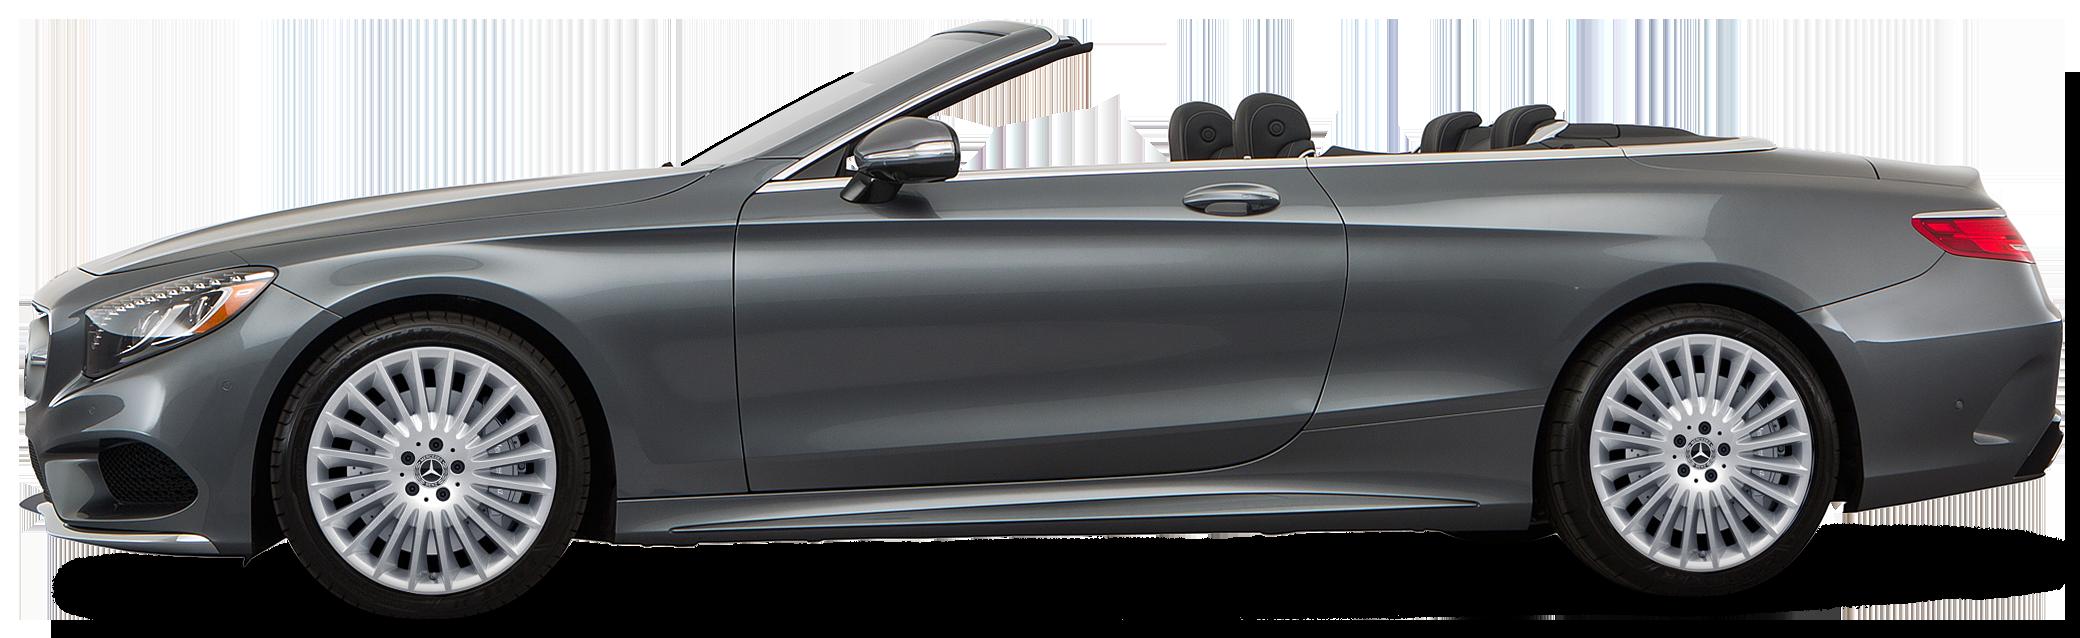 2021 Mercedes-Benz S-Class Convertible